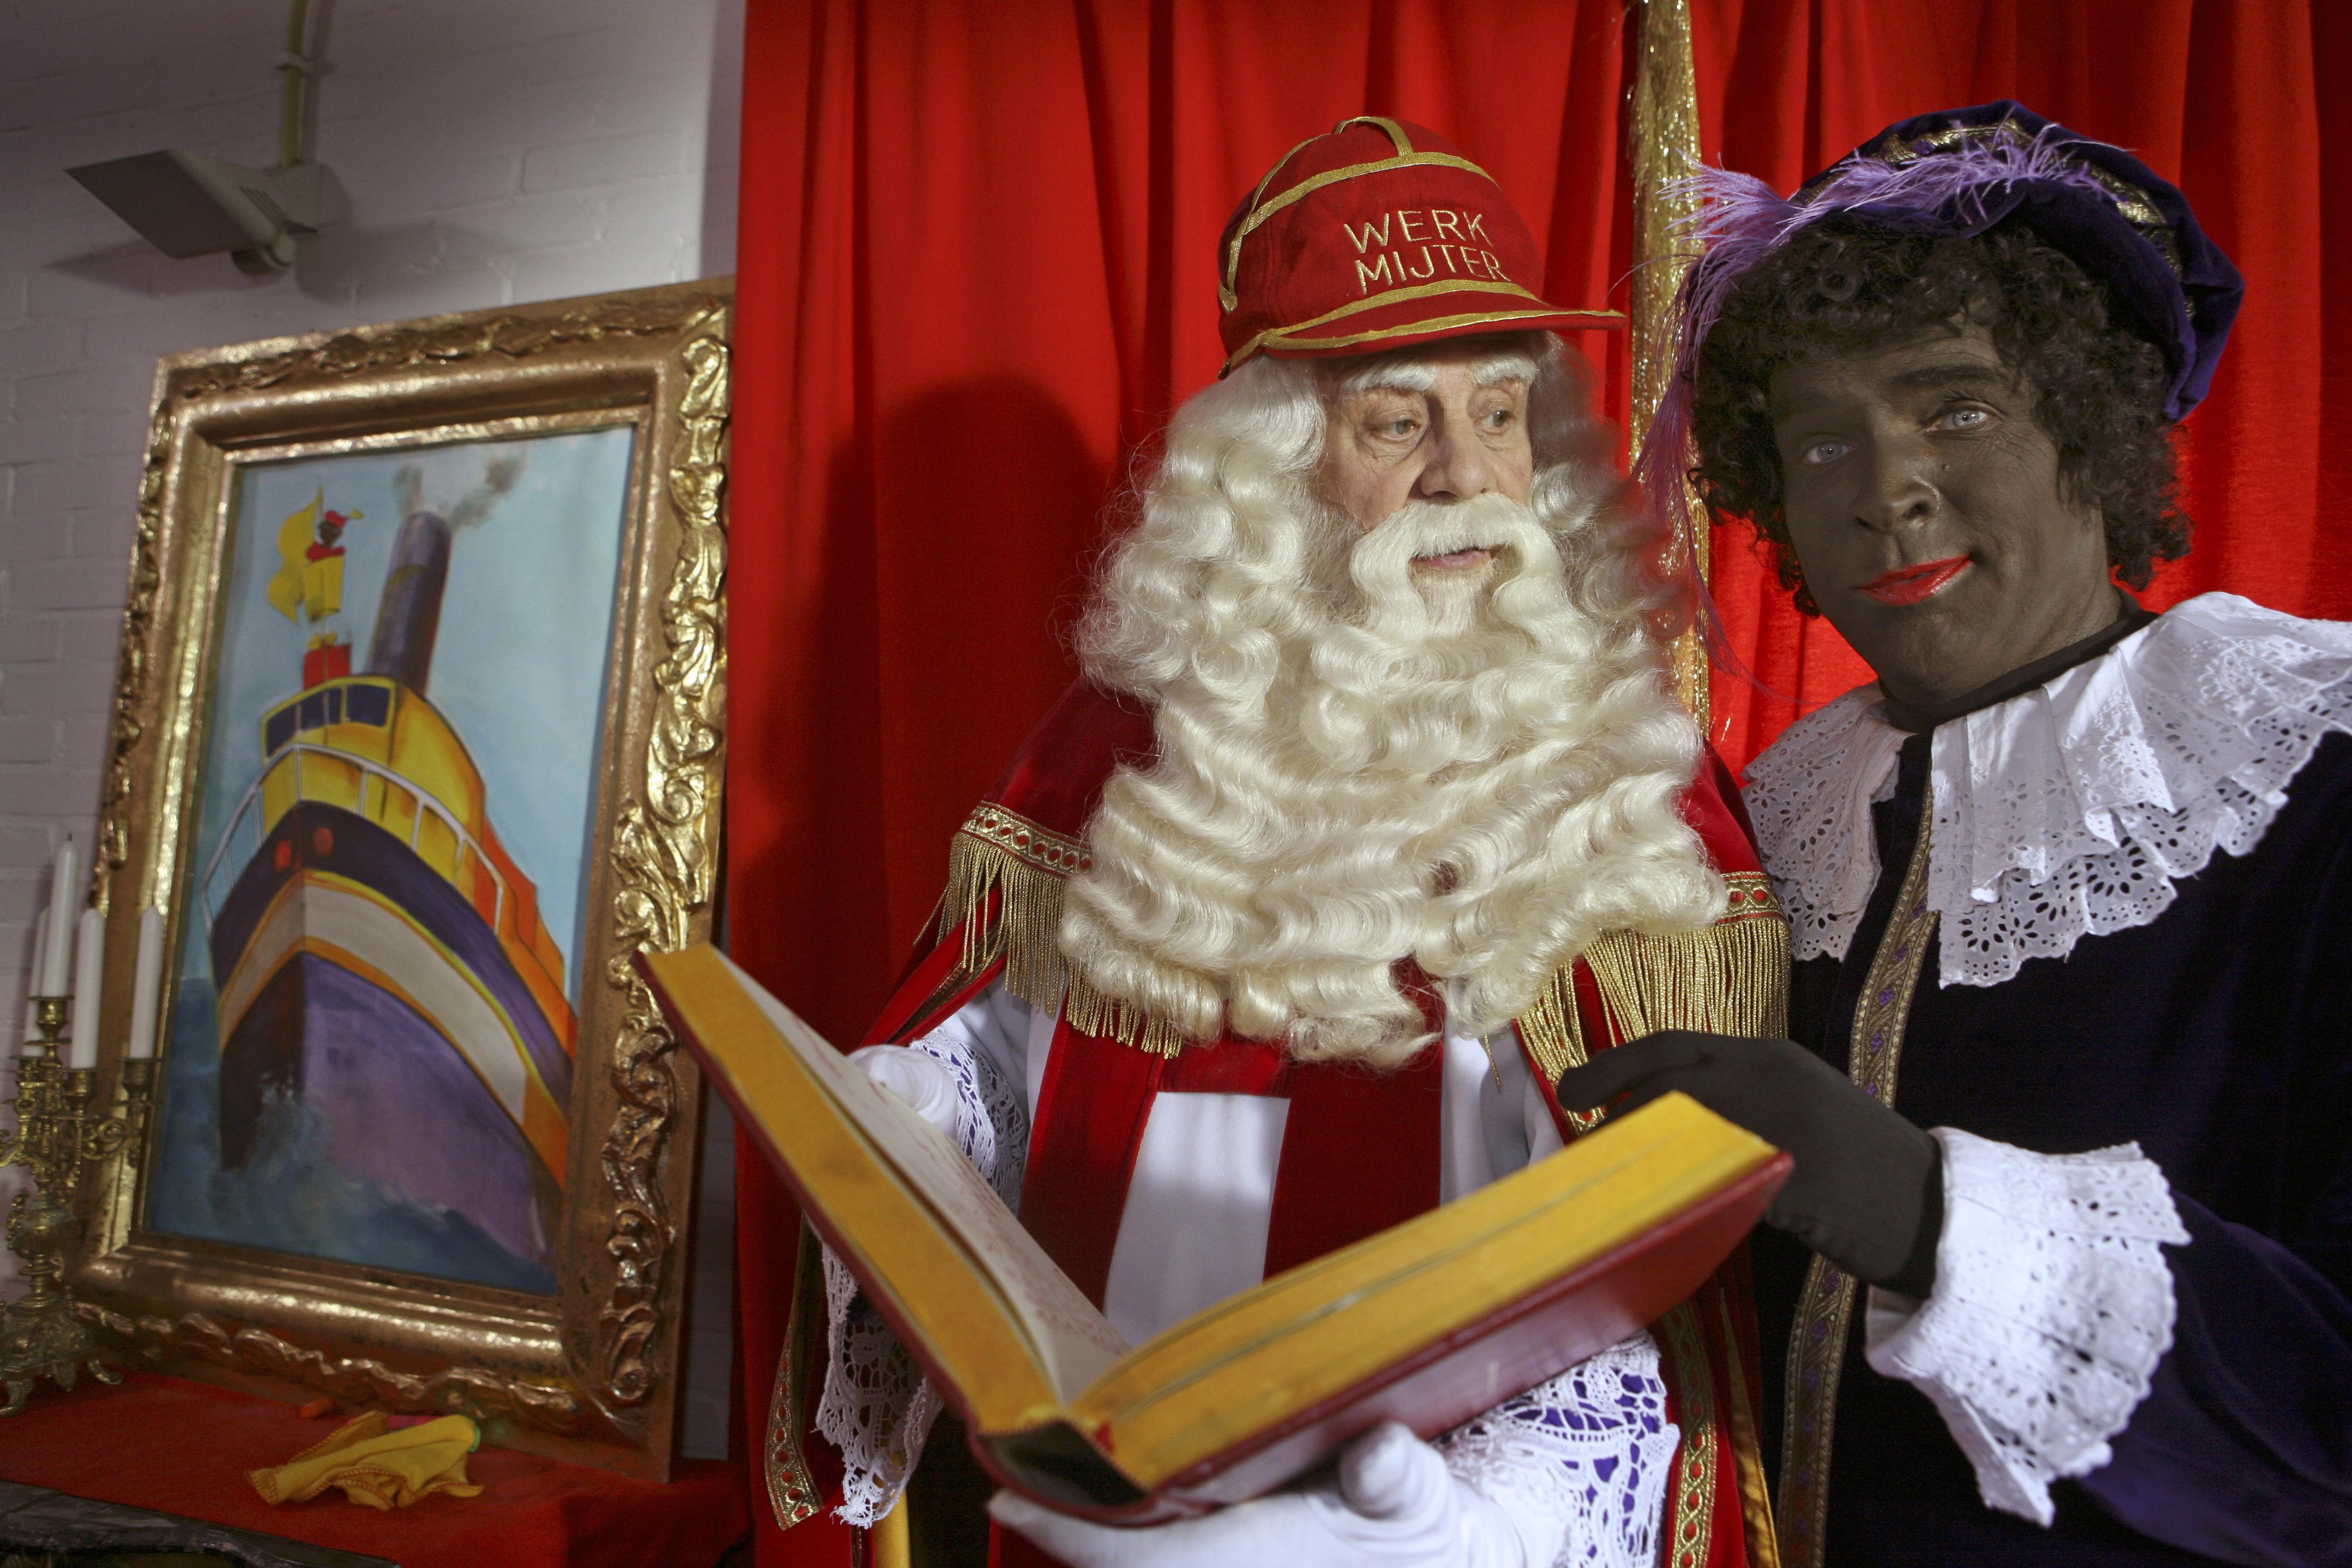 'Sinterklaasjournaal' groeide in 20 jaar van vrolijk kinderprogramma uit tot cultureel instituut; oud-Hoofdpiet Erik van Muiswinkel: 'We konden alles doen, de boel lekker ontregelen'